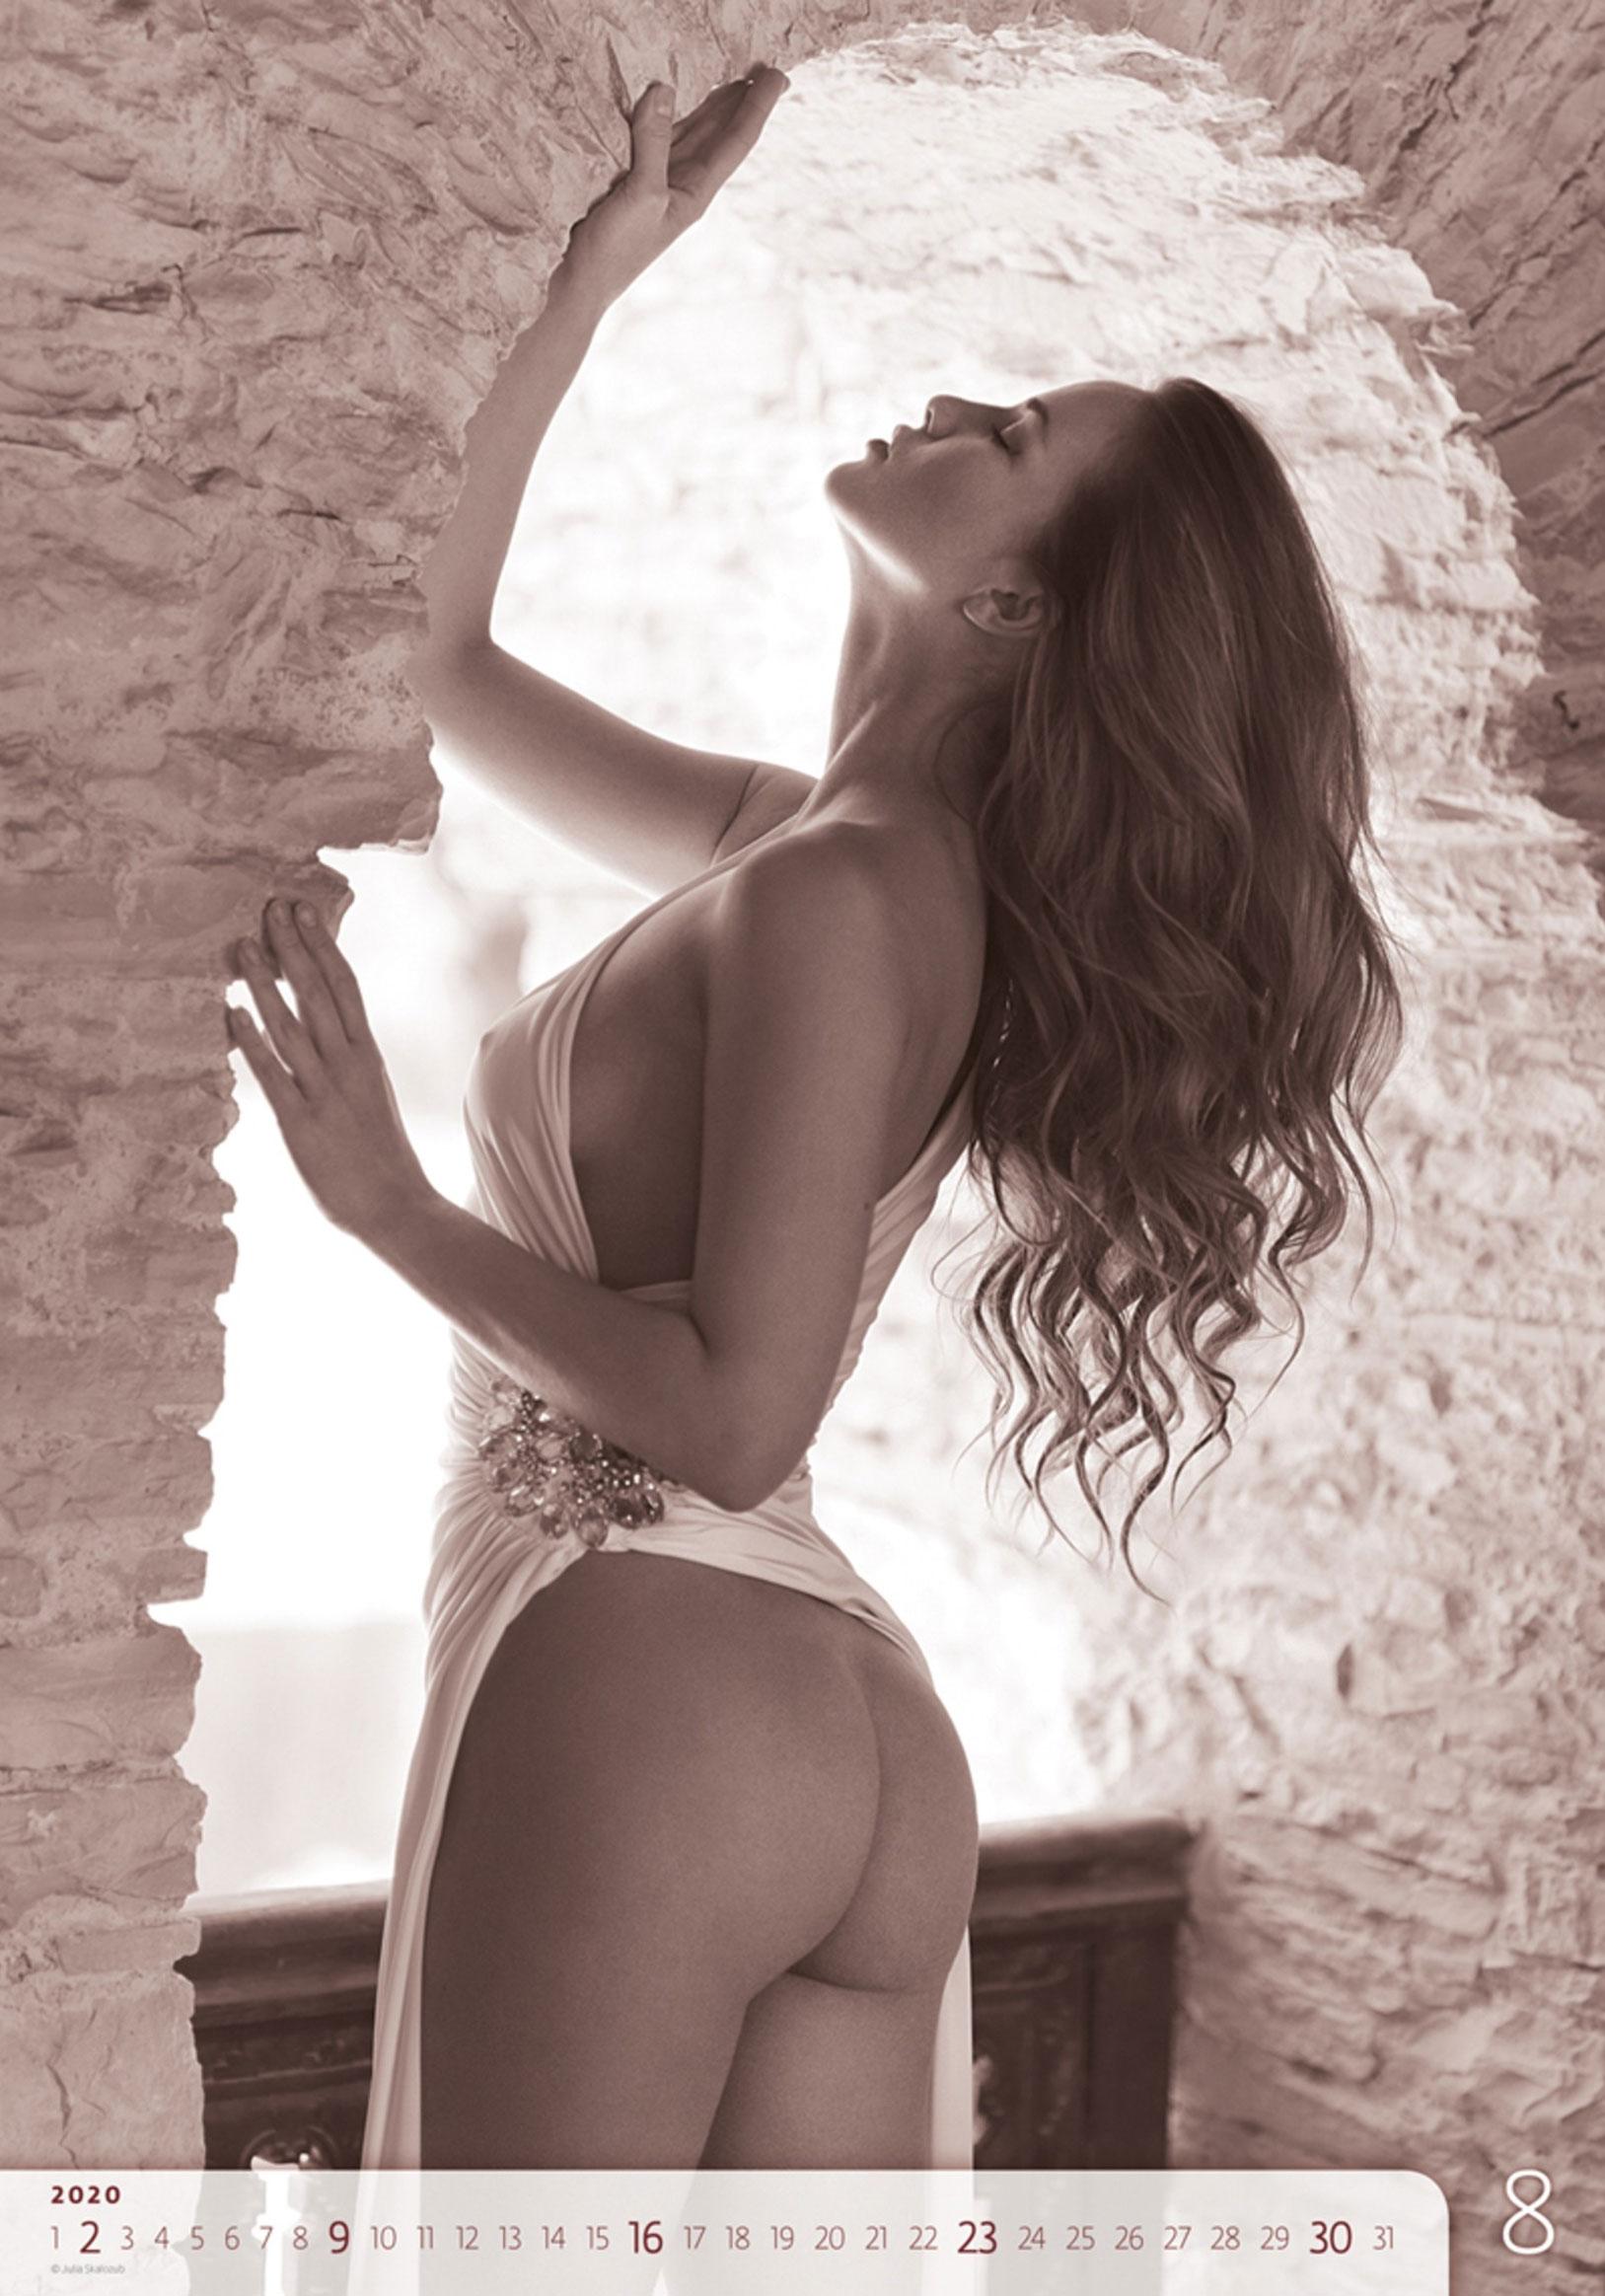 Сексуальные голые девушки в календаре на 2020 год, фотограф Юлия Скалозуб / август